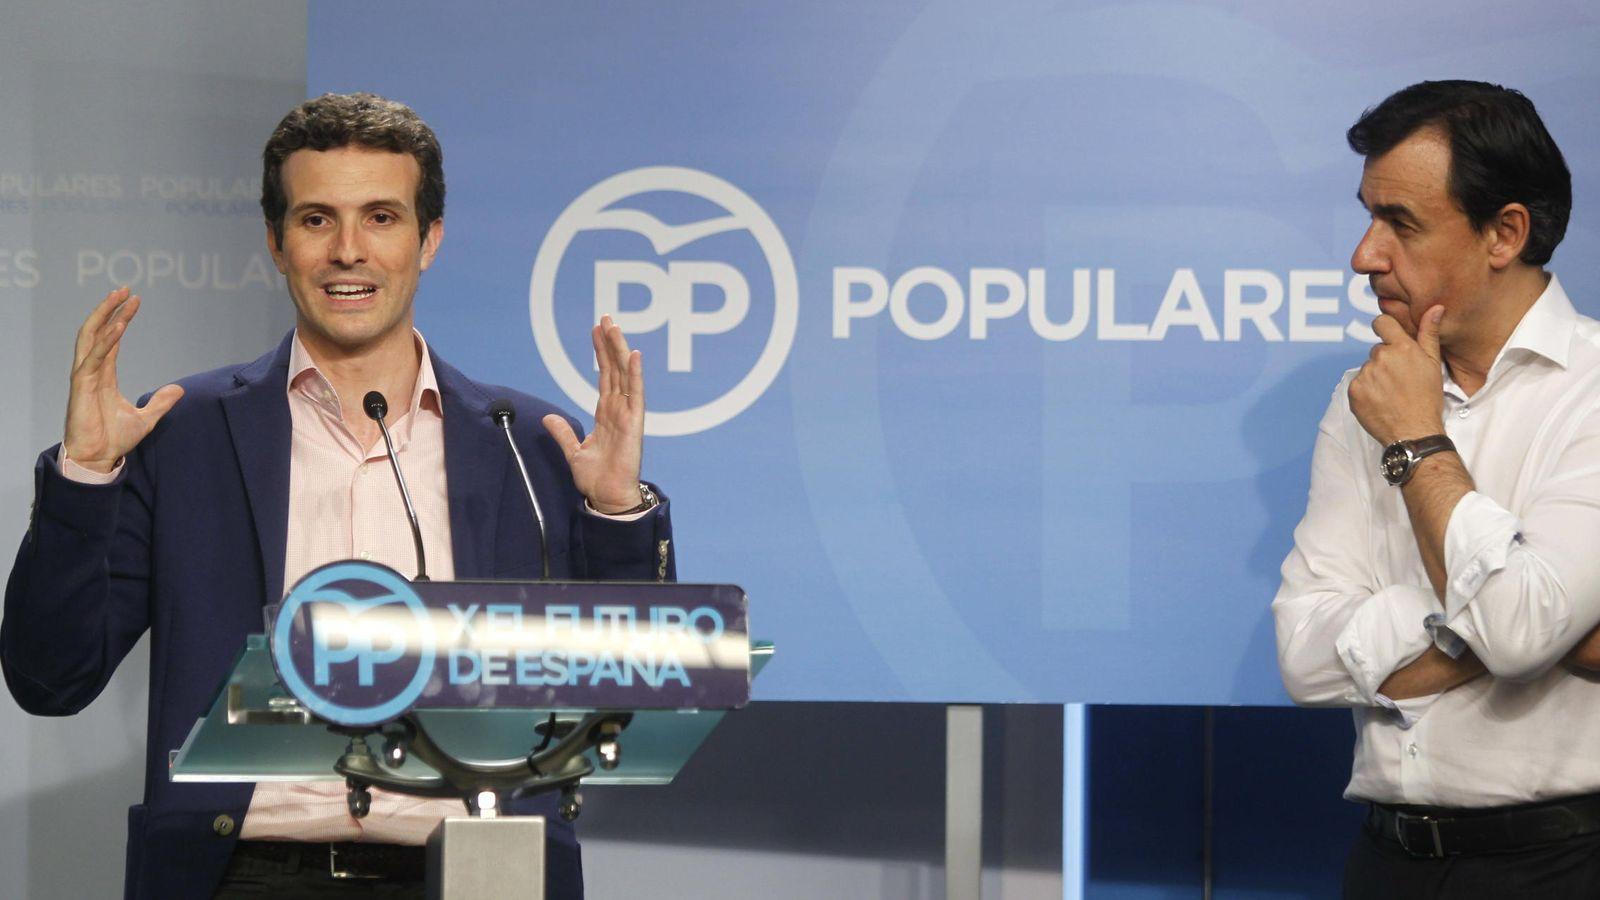 Foto: El vicesecretario de Comunicación del PP, Pablo Casado (izda), y el de Organización Fernando Martínez Maillo presentan la Conferencia Política del Partido Popular que se celebran este vieres y sábado. (Efe)